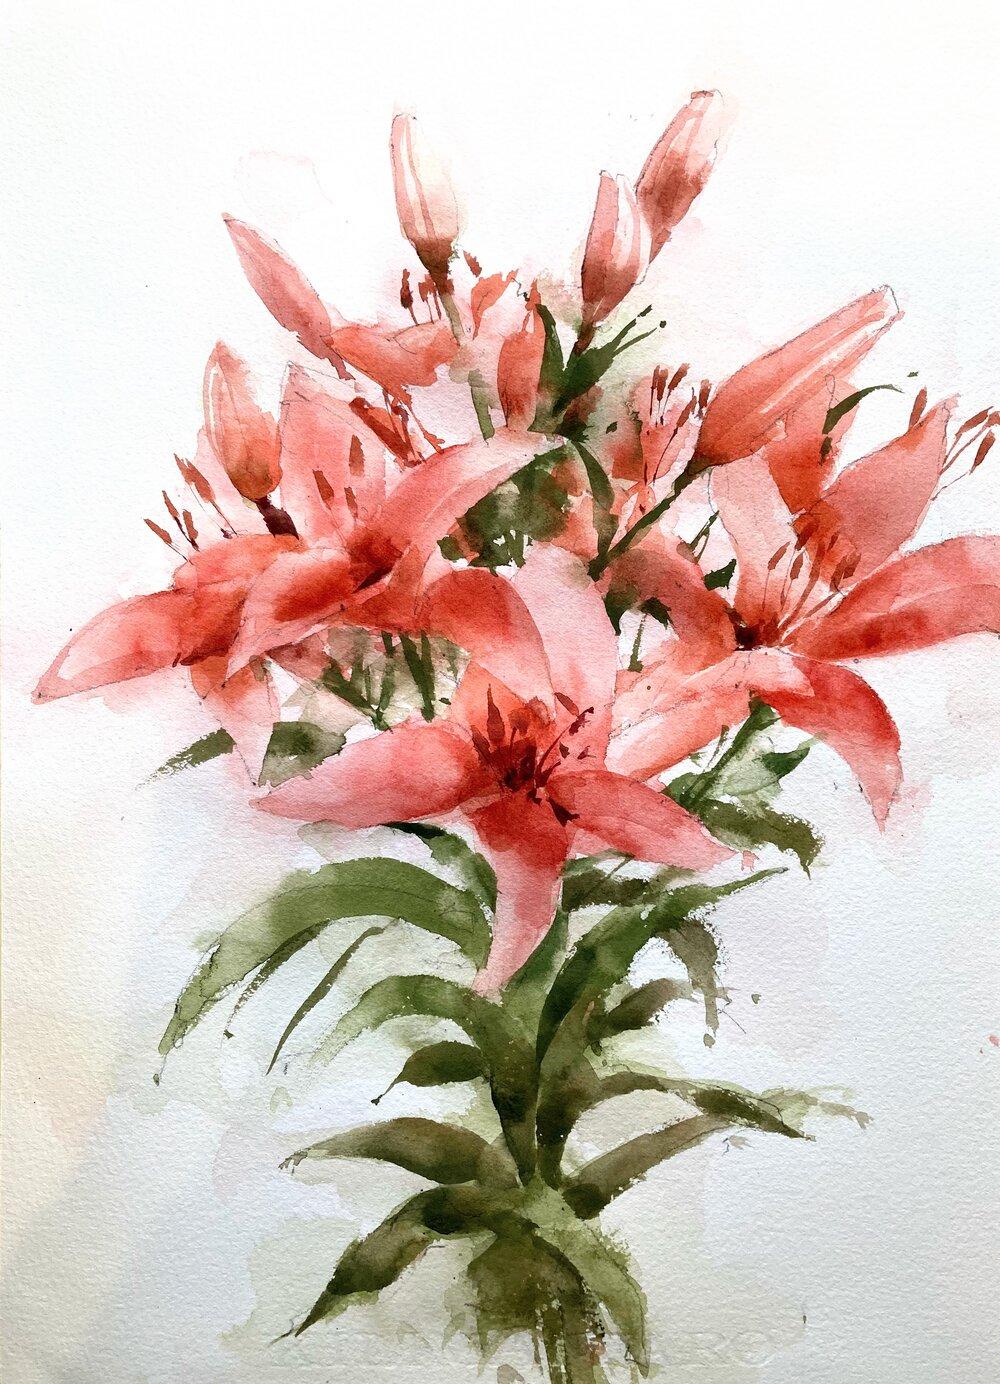 flowers_watercolor_painting.jpg